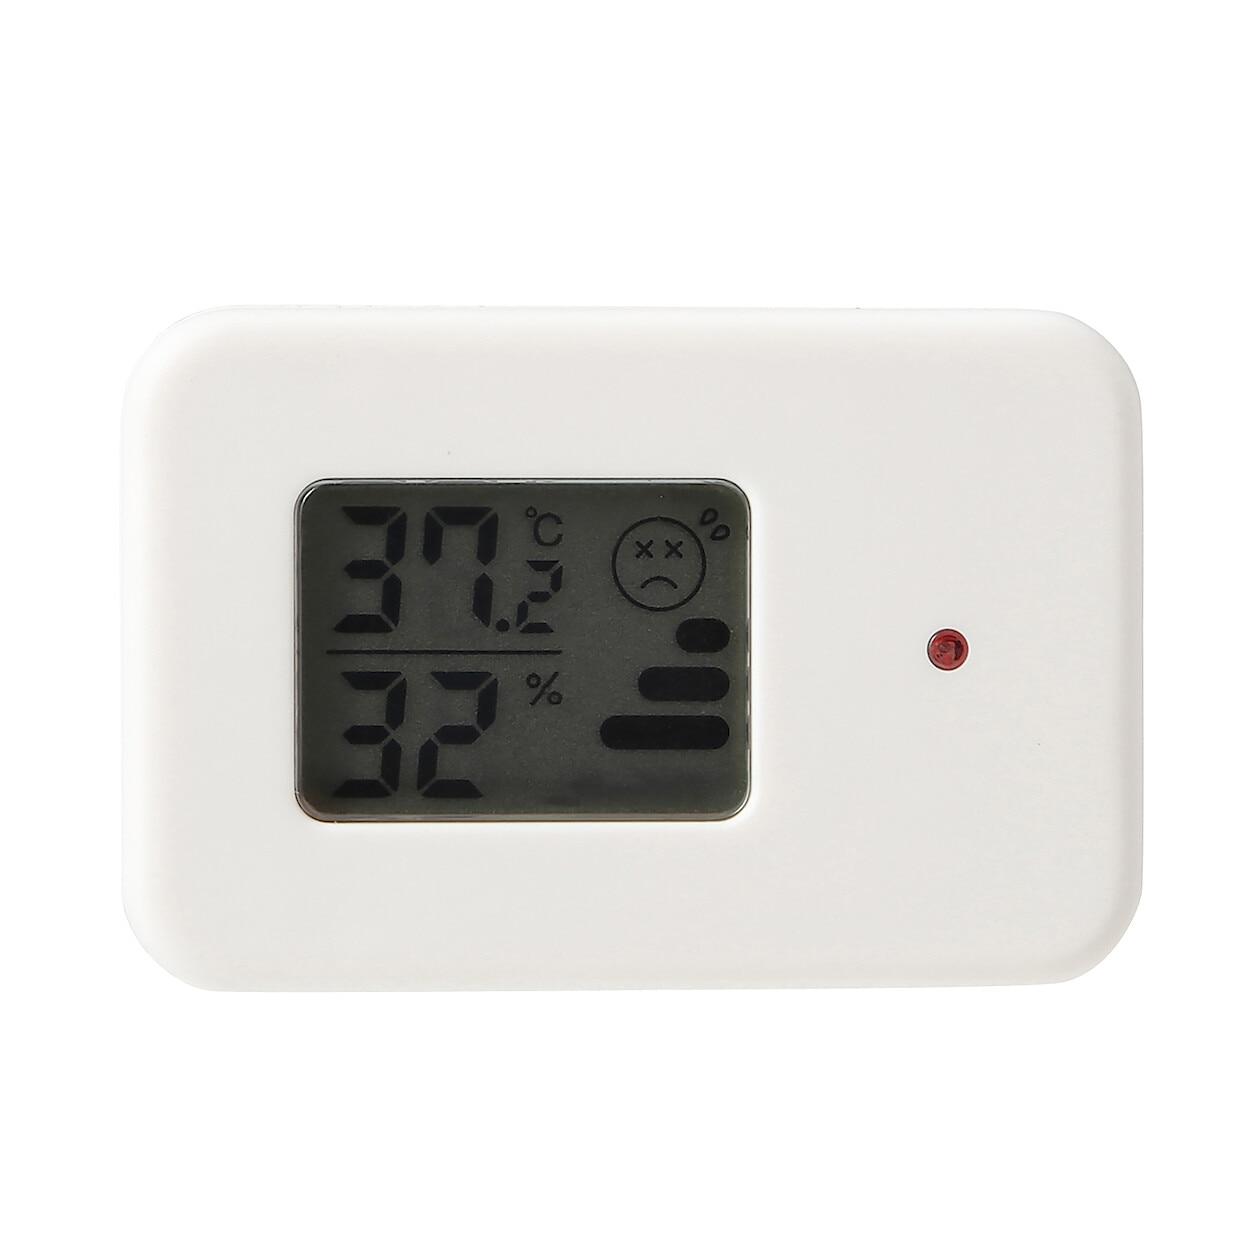 タグツール・温湿度計